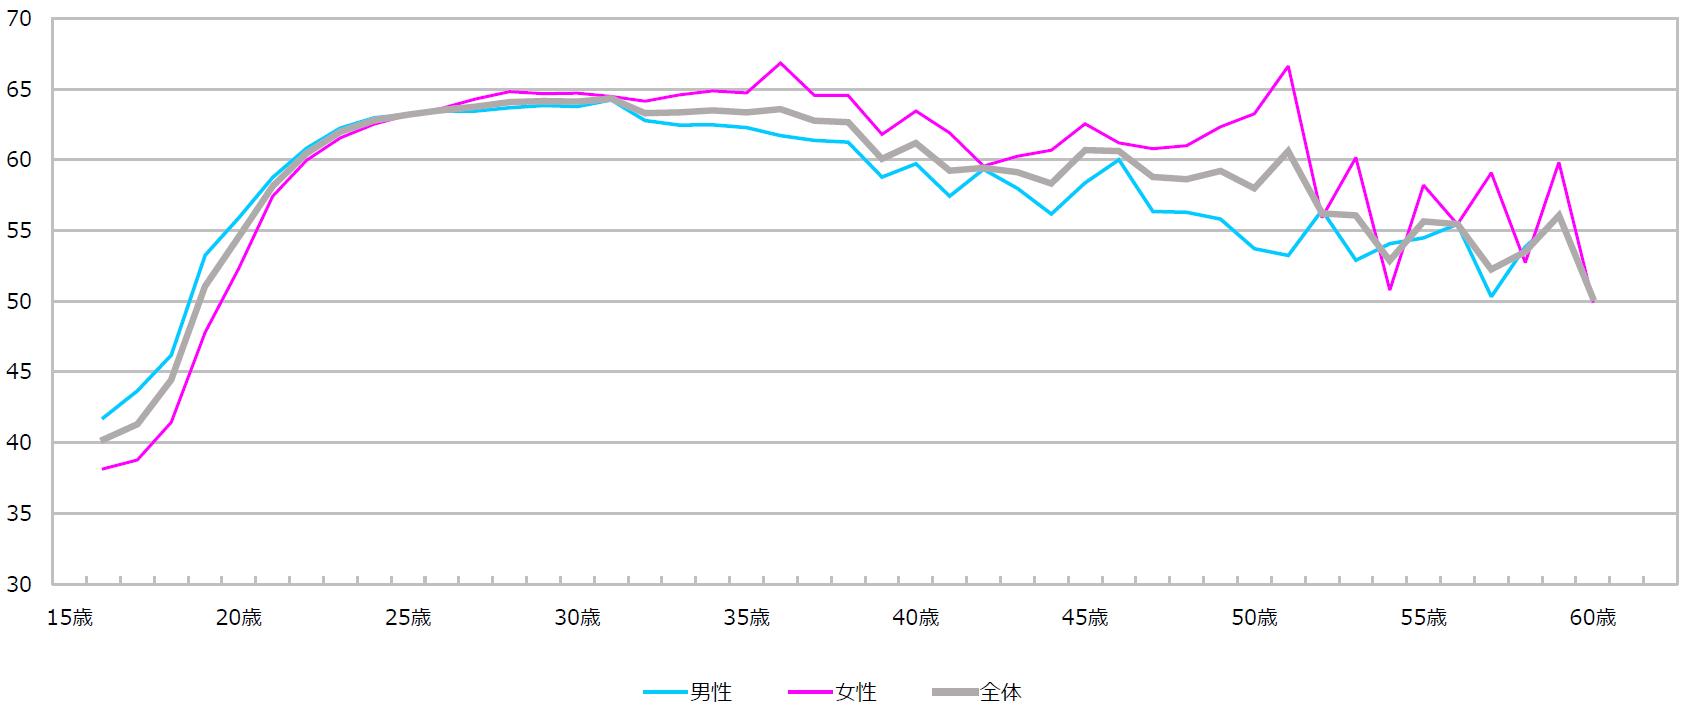 日本人の平均作業量(AV)の年齢による推移